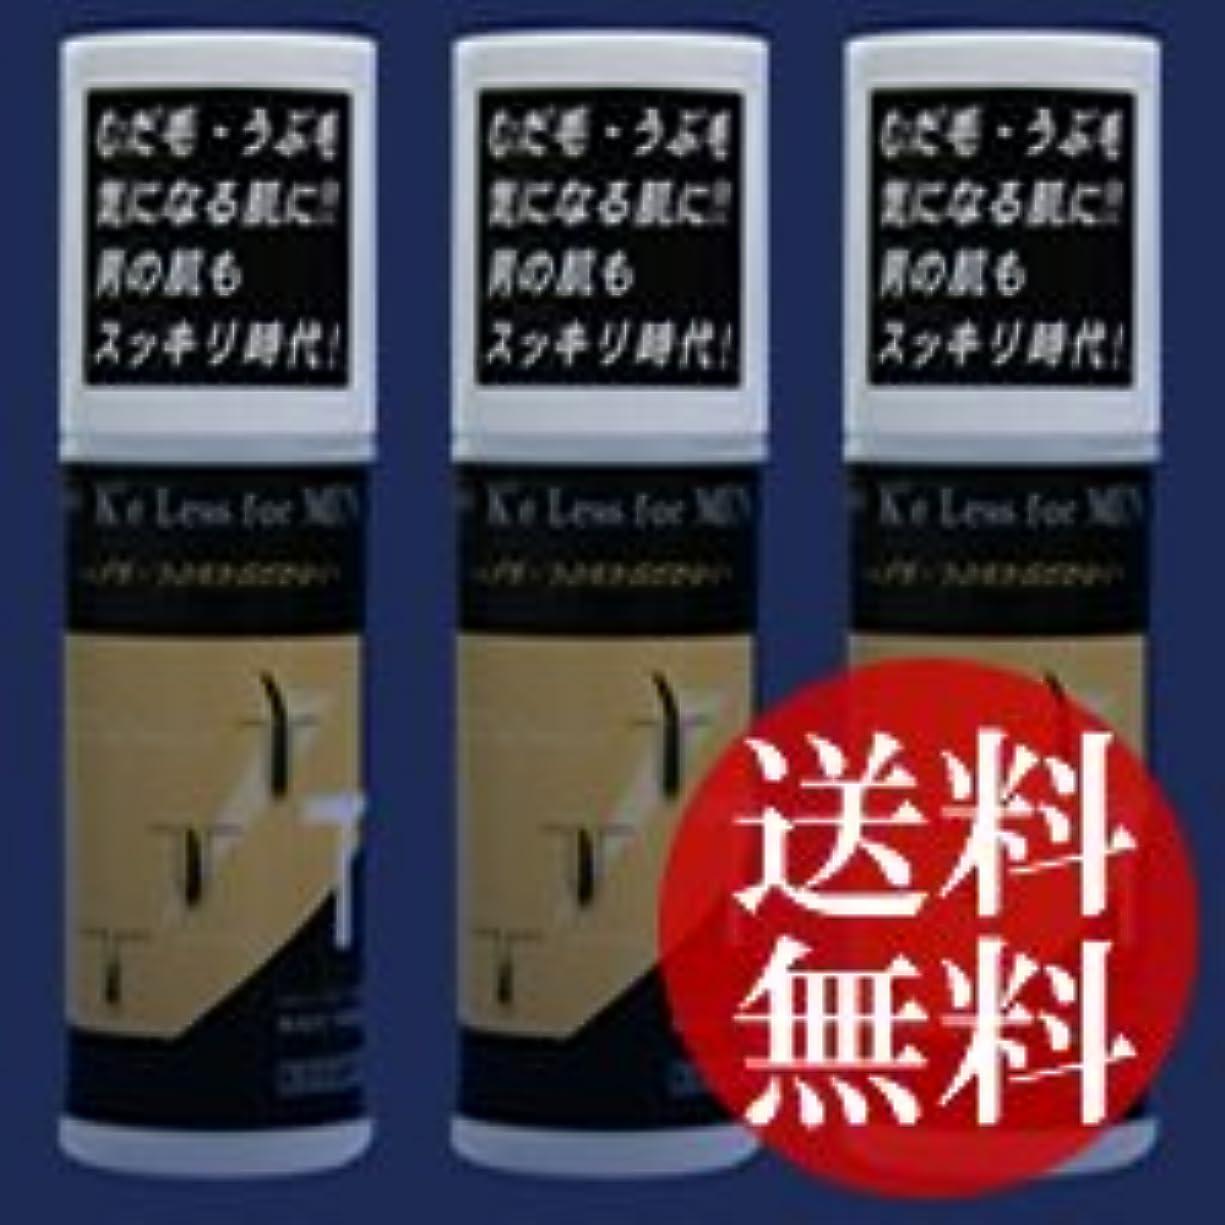 許される計算出口補完医療製薬 ケーイーレスローション フォーメン 150mL×3本セット [医薬部外品]